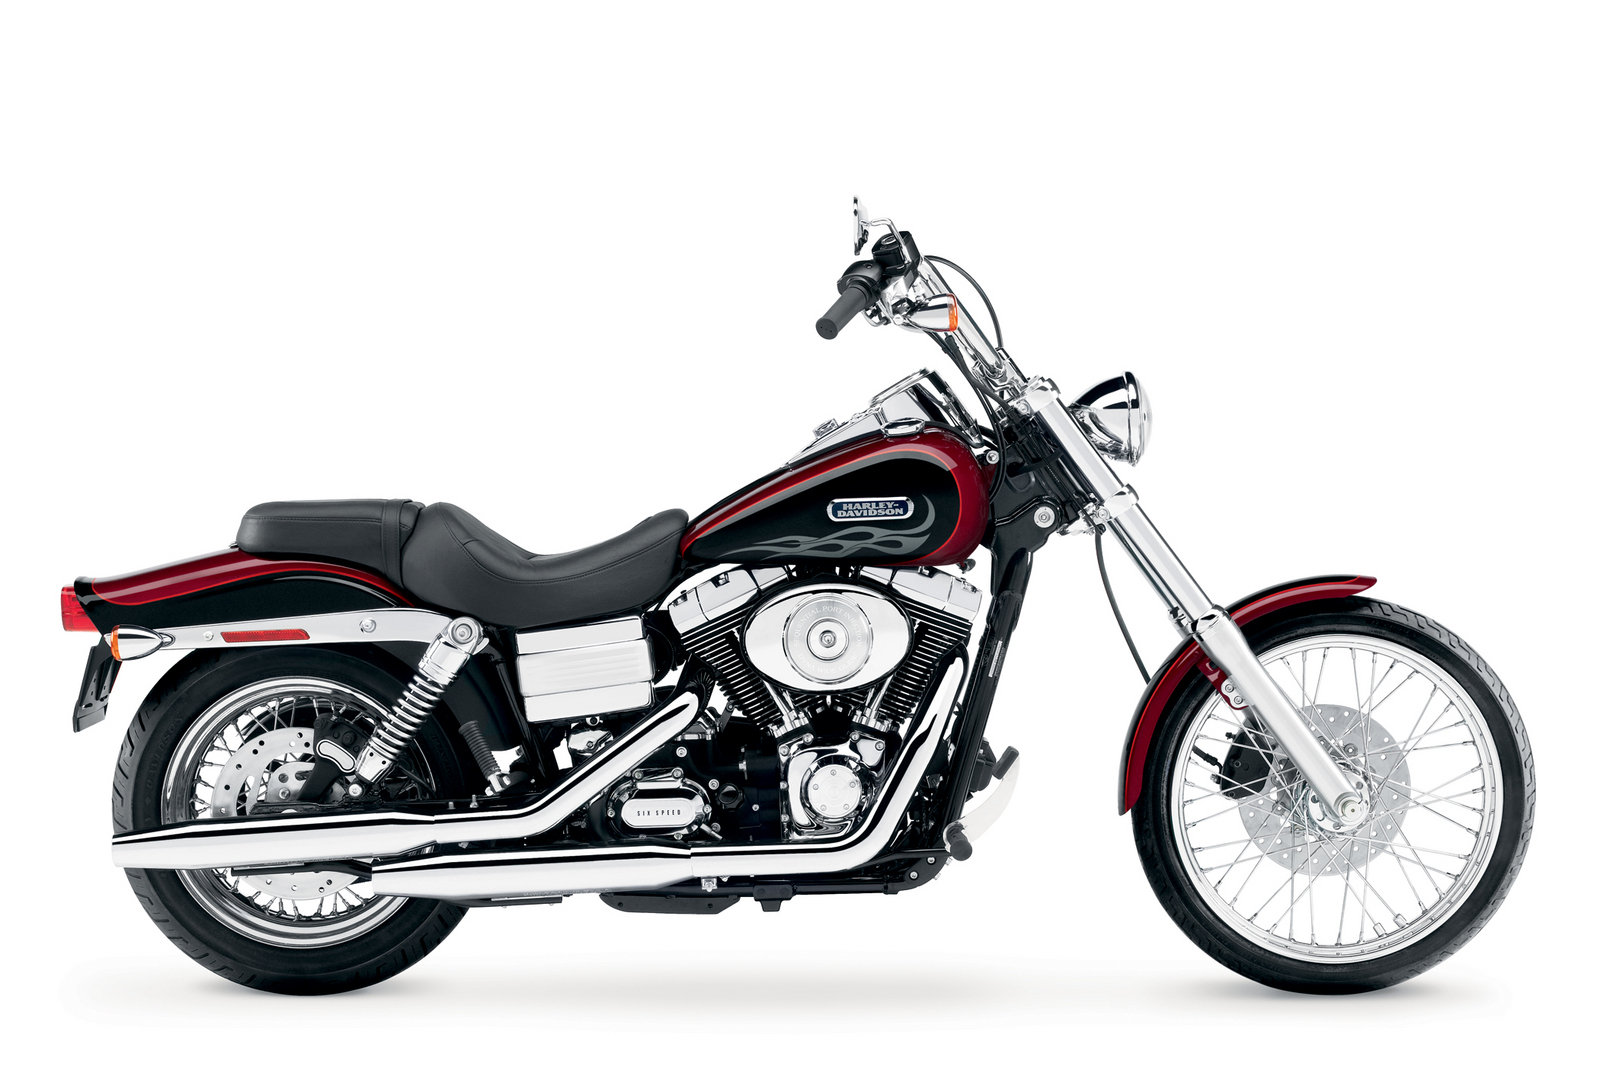 Harley Davidson Fxdwg I Dyna Wide Glide